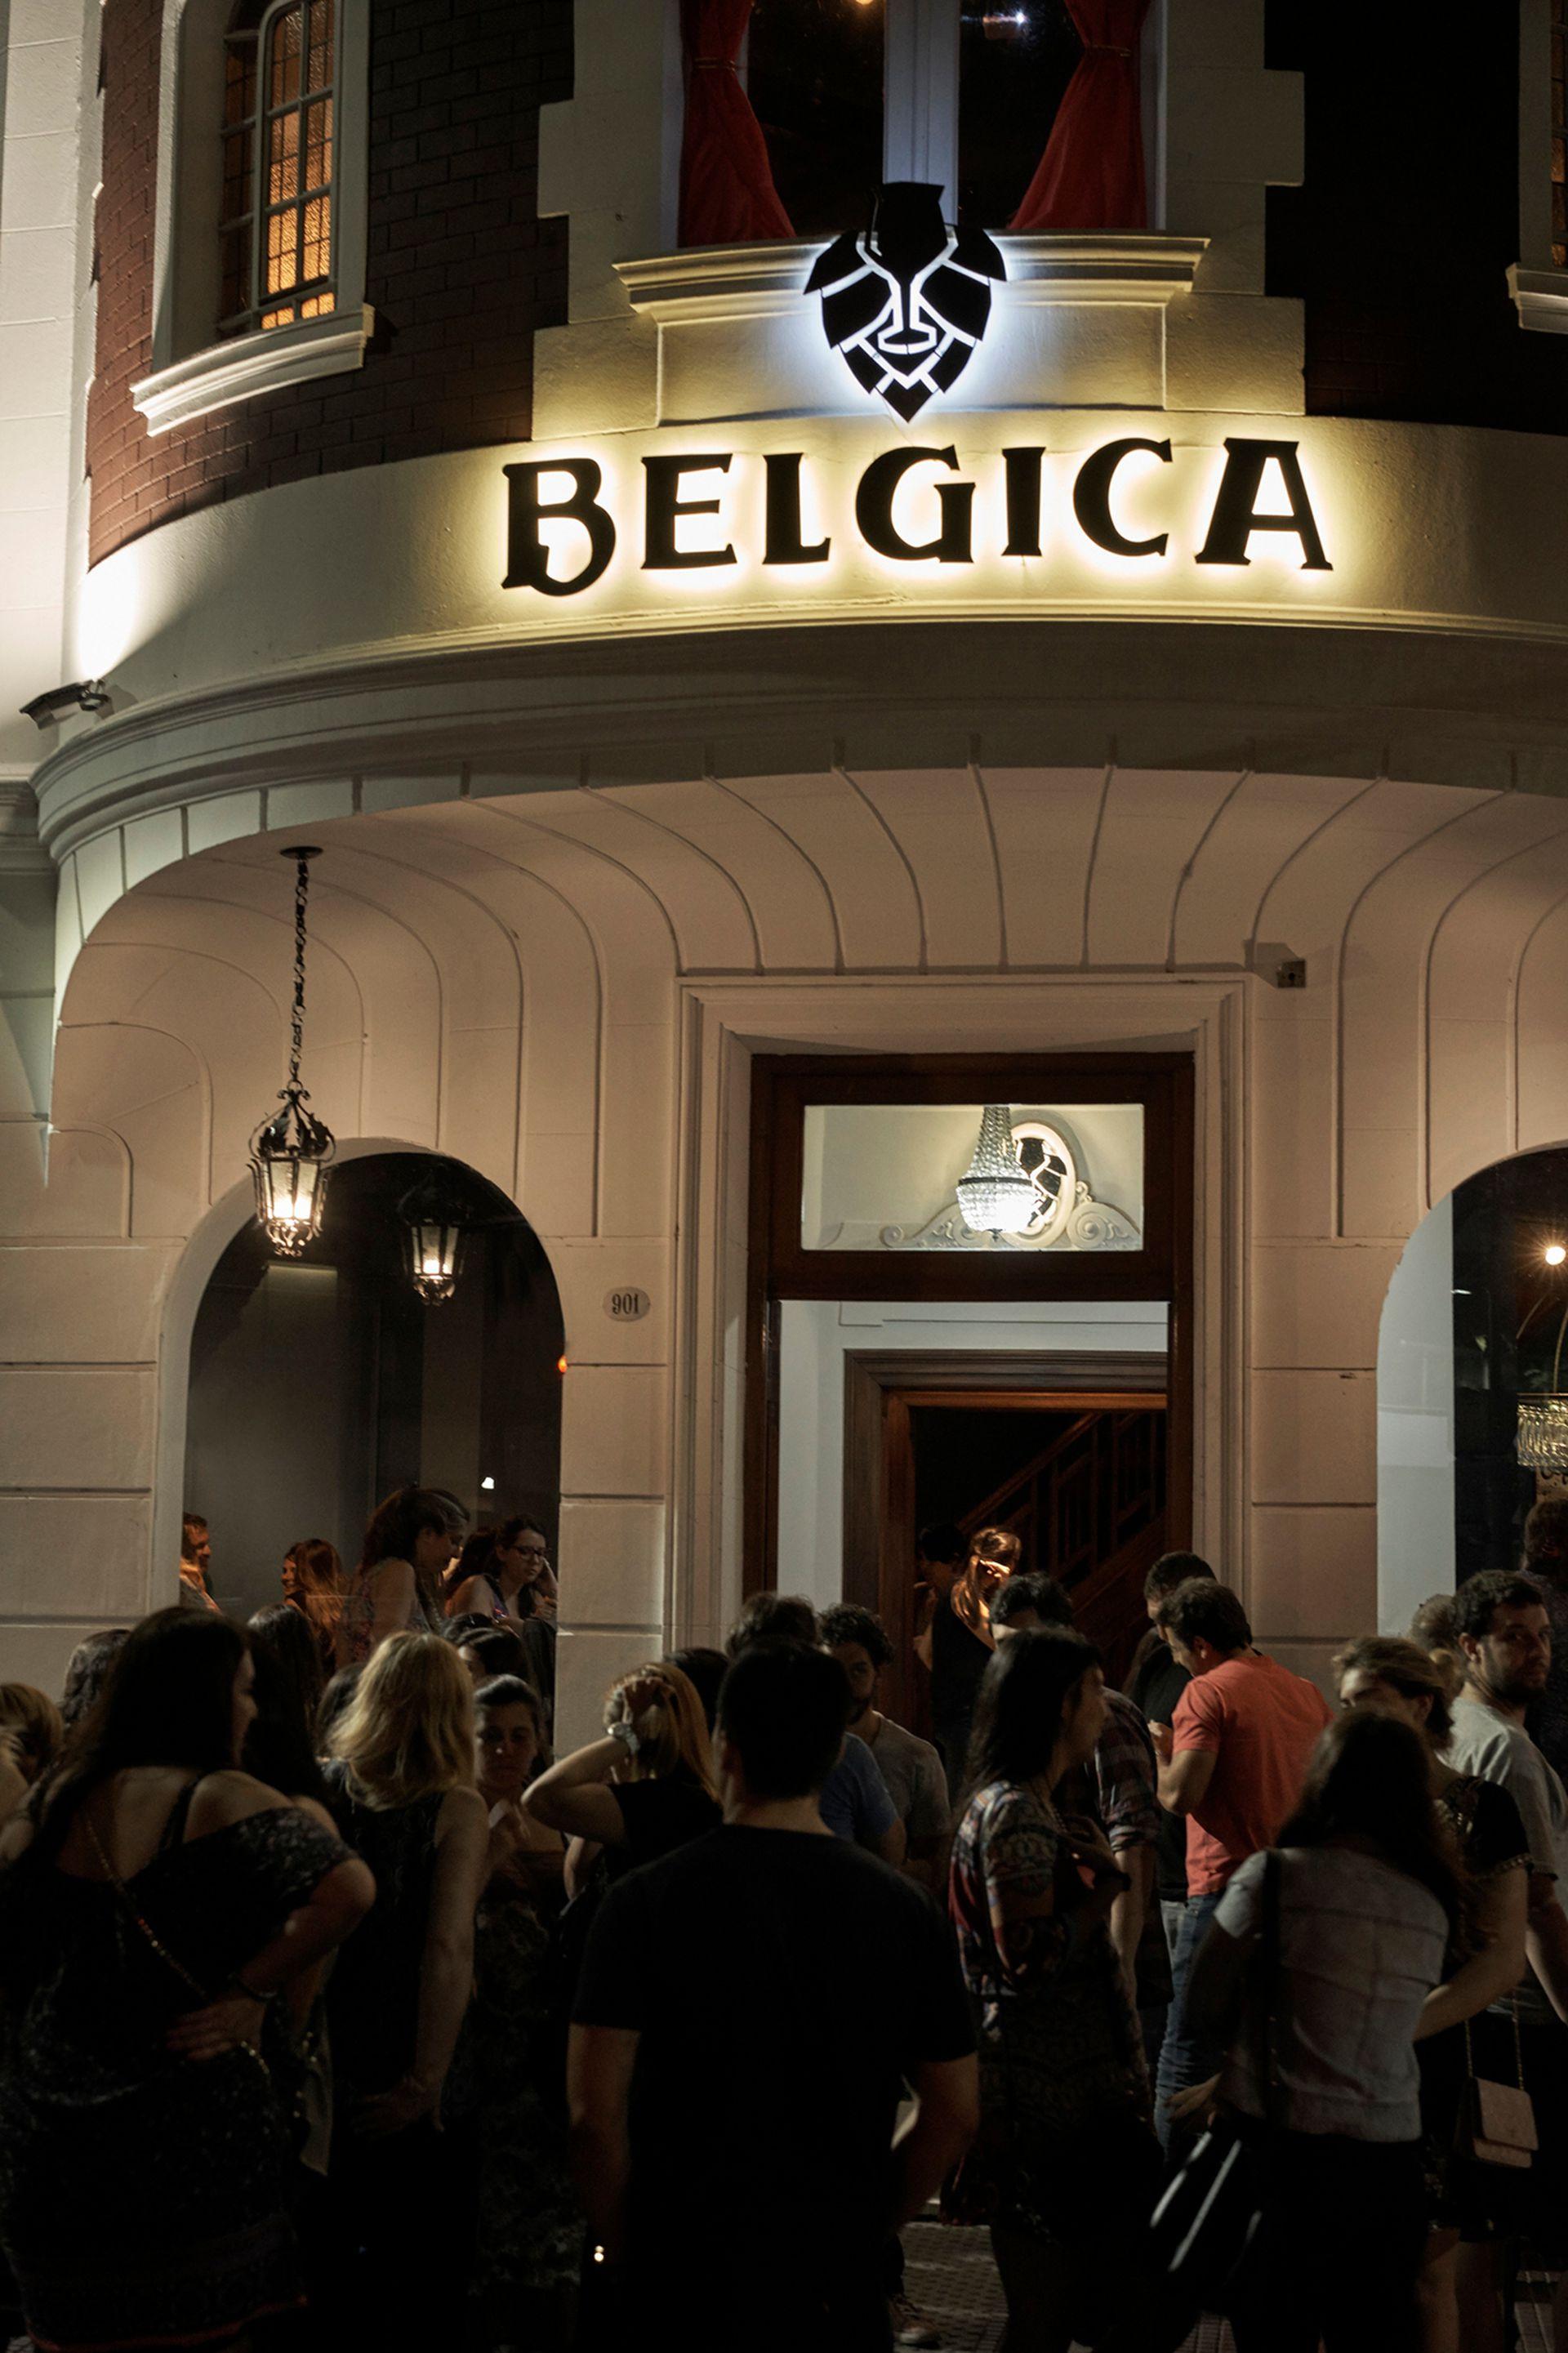 En noviembre de 2016, Picciani cumplió el sueño de tener un bar: junto a Aftyka, Lorán y un cuarto socio, abrieron el bar Bélgica, en Caballito